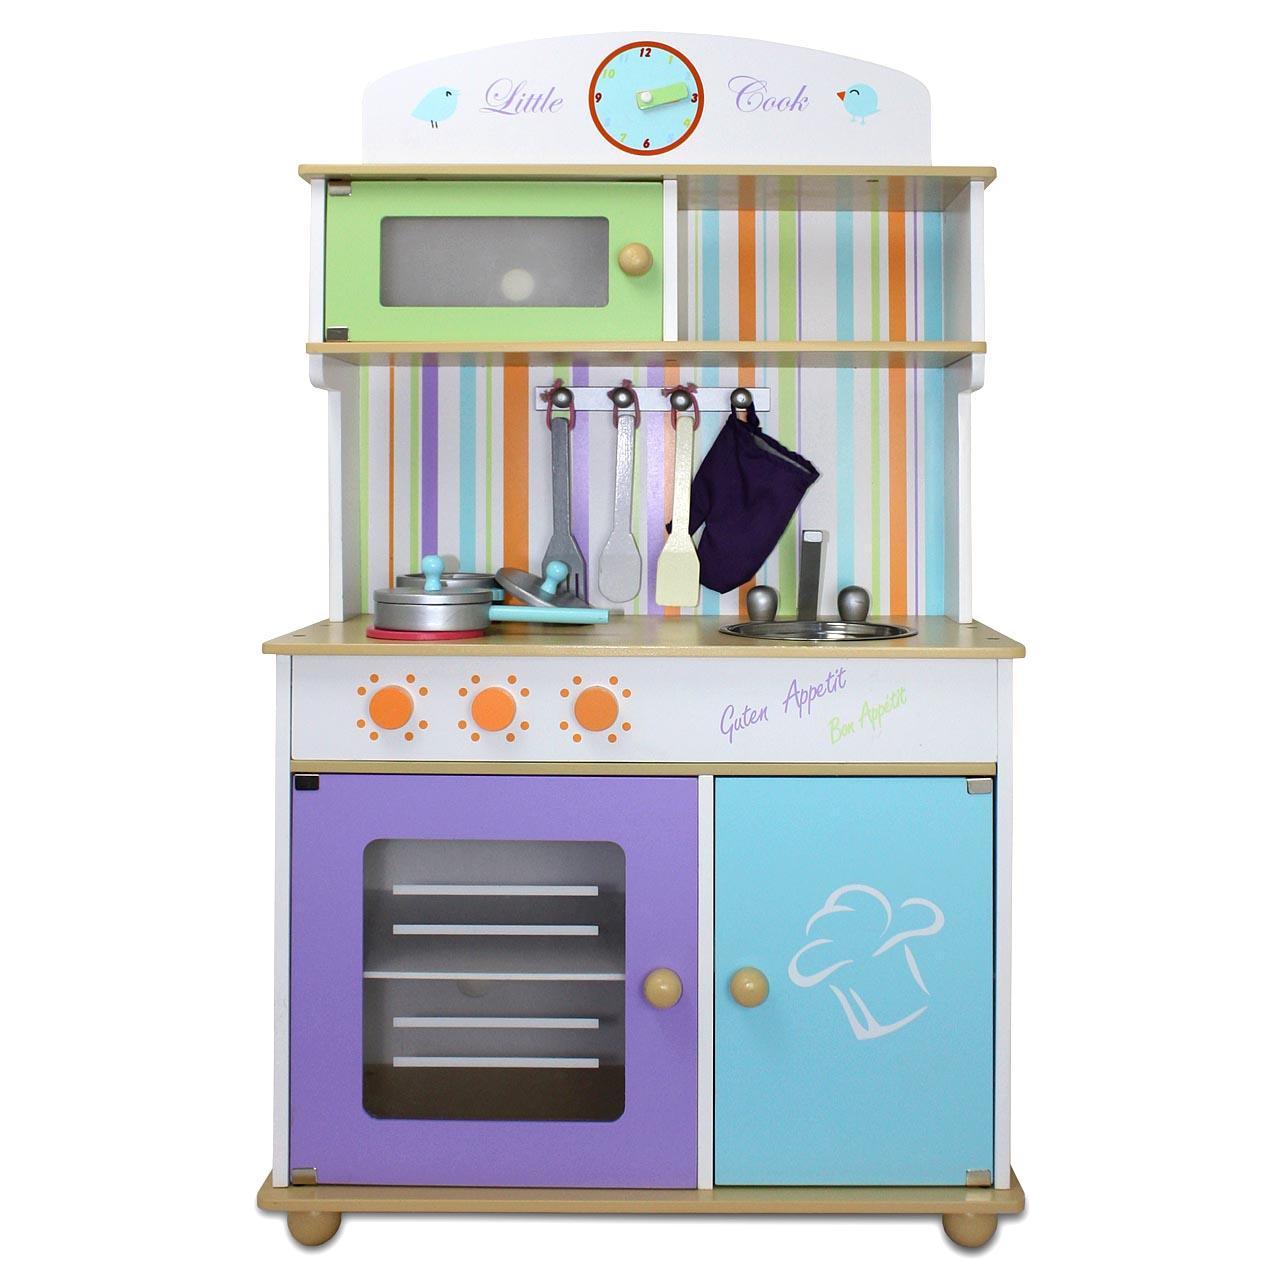 Froggy cucina giocattolo gioco per bambini bambino bambina for Accessori cucina giocattolo